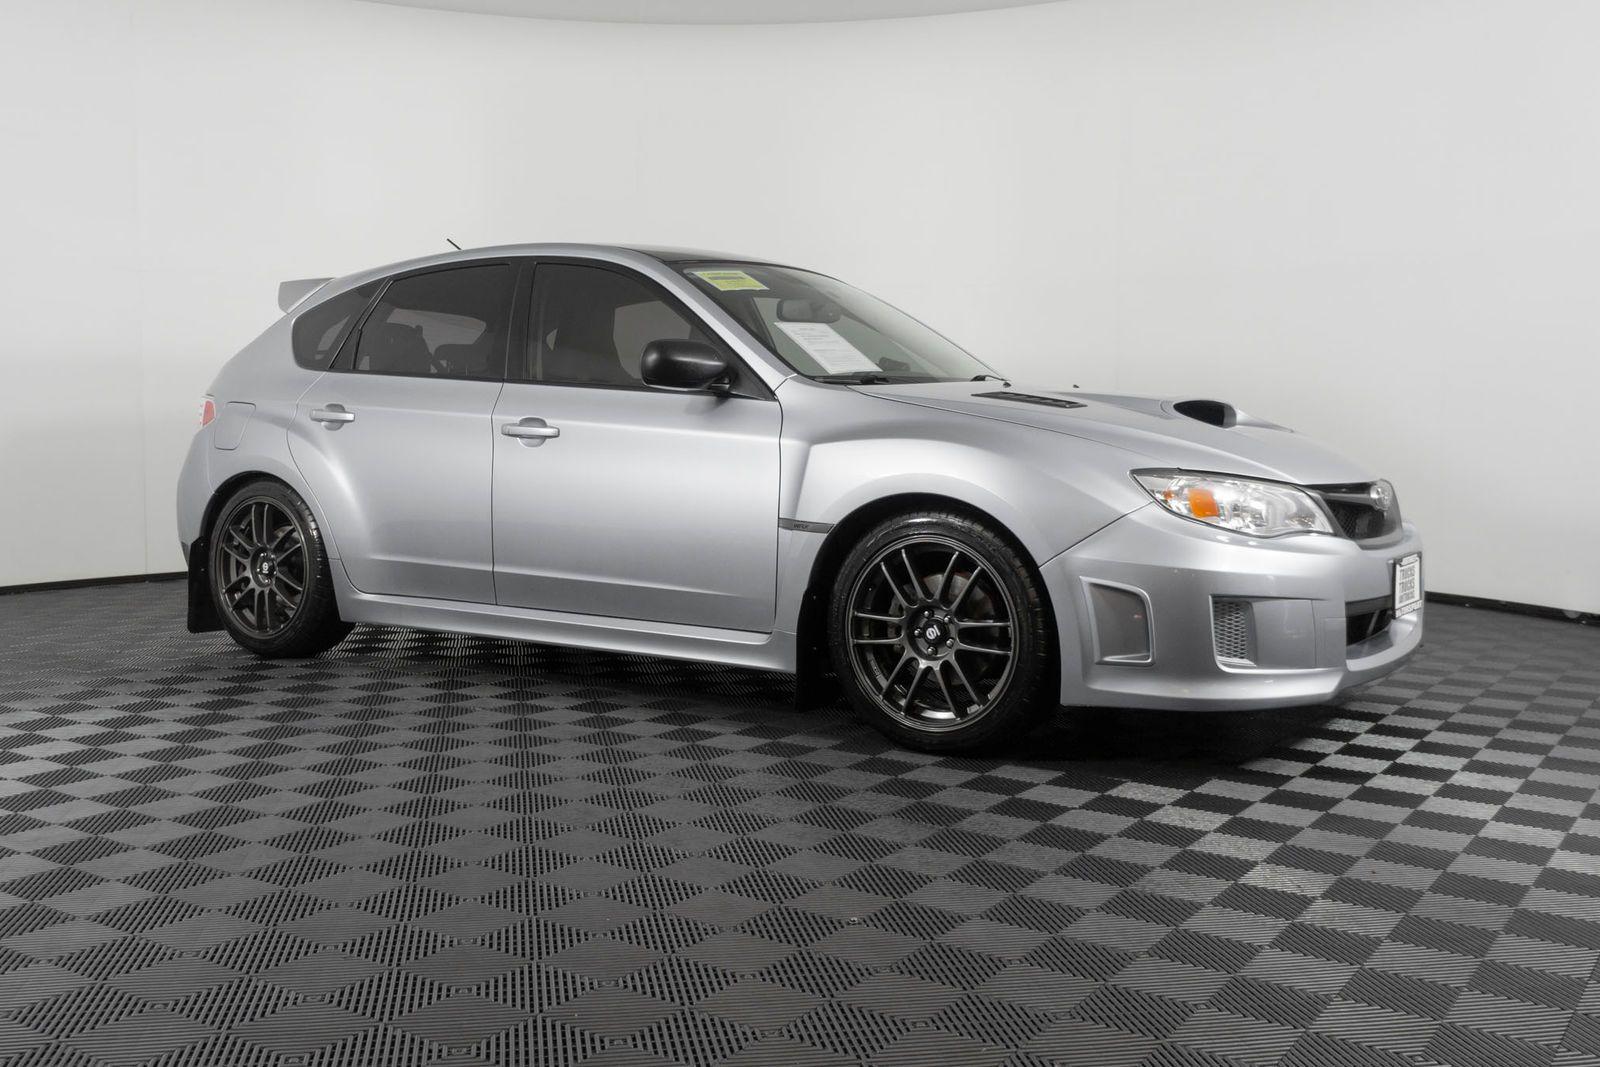 Used 2013 Subaru Impreza Wrx Awd Hatchback For Sale Northwest Motorsport Subaru Hatchback Subaru Impreza Subaru Wrx Hatchback